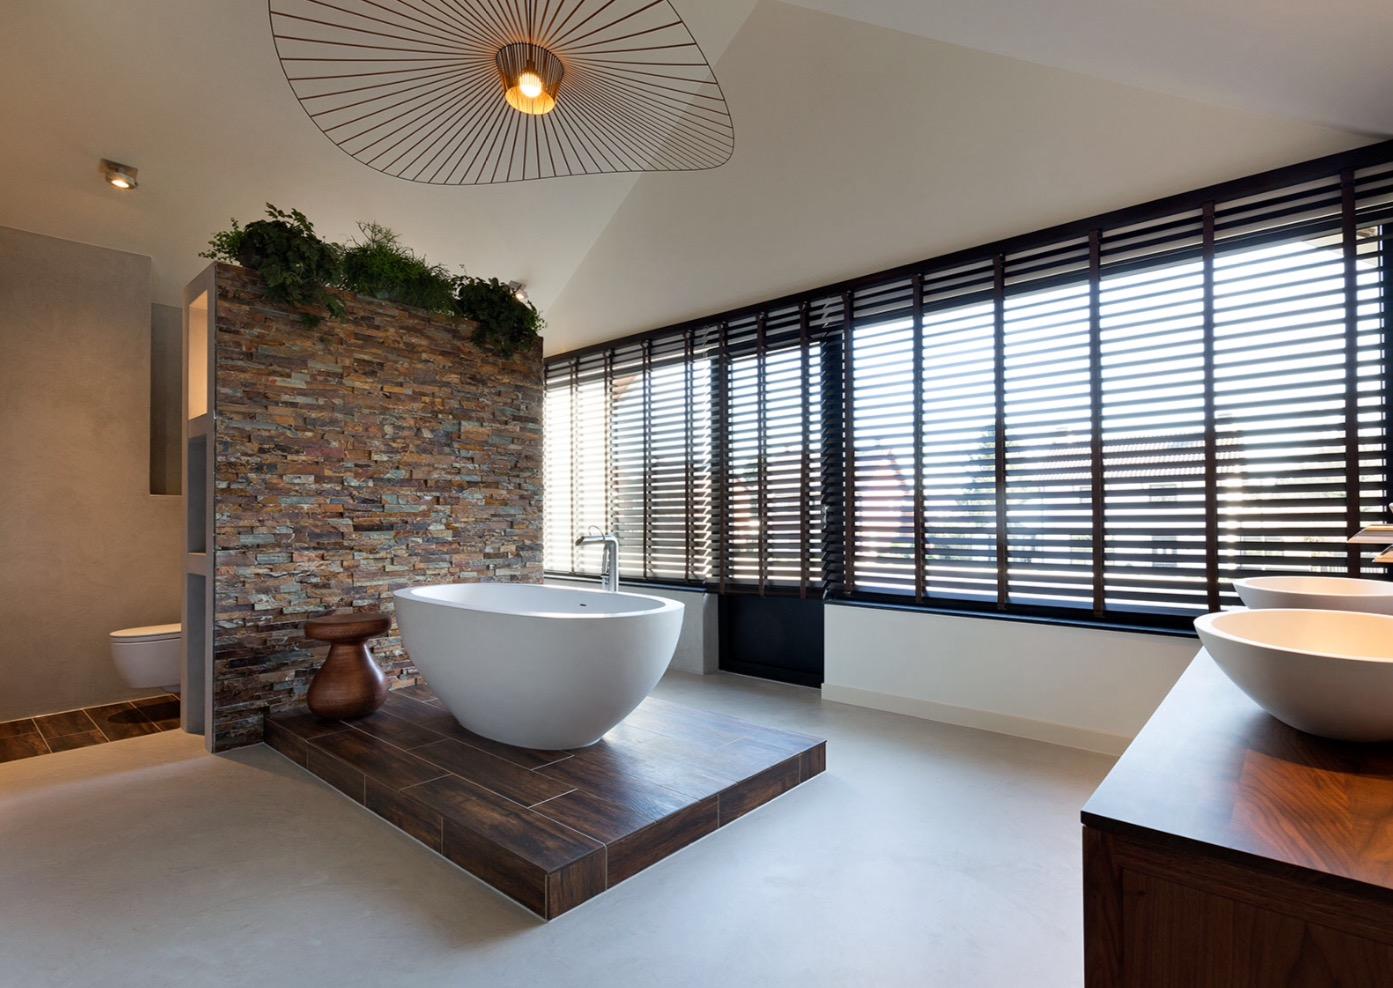 Badkamer Showroom Gelderland : Badkamer showroom sittard goedkoop badkamer sanitair showroom in